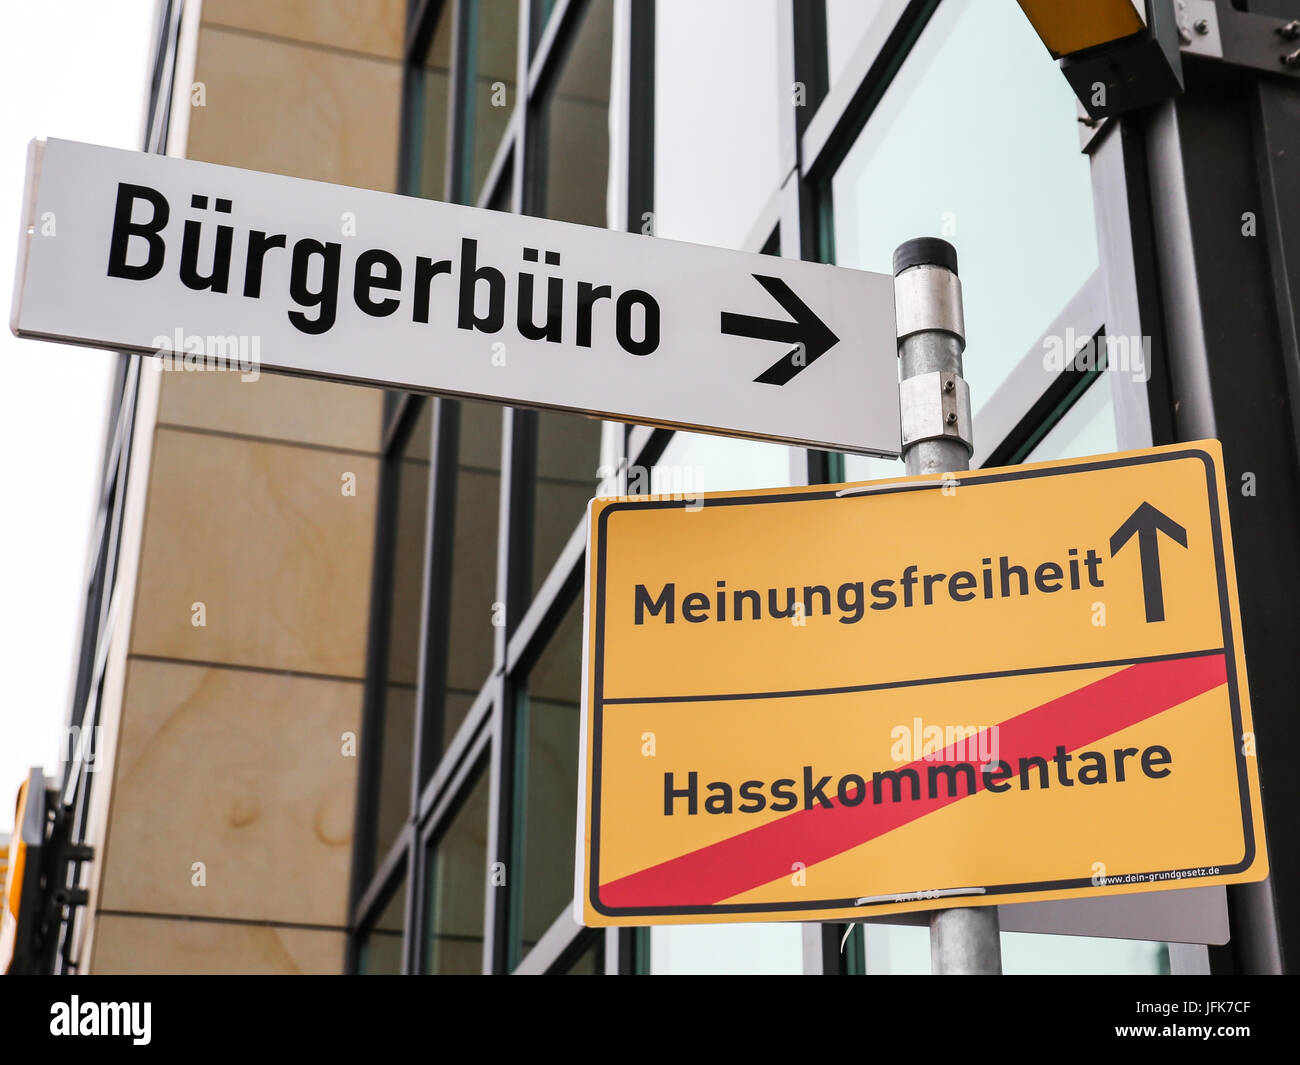 Bürgerbüro,Meinungsfreiheit - Hasskommentare Immagini Stock